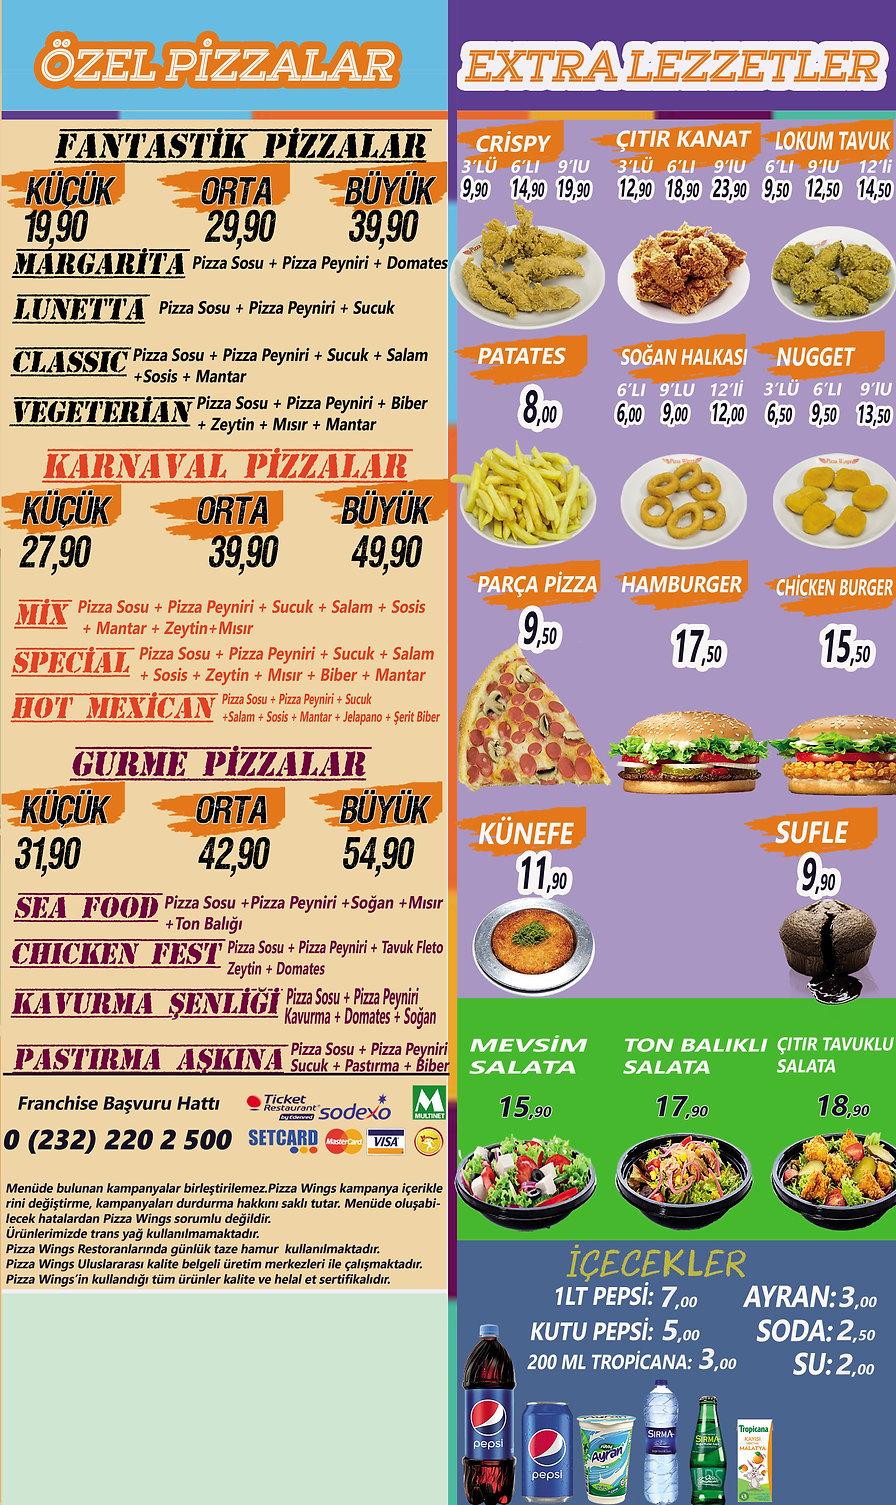 İnternet_sitesi_için_özel_pizzalar.jp